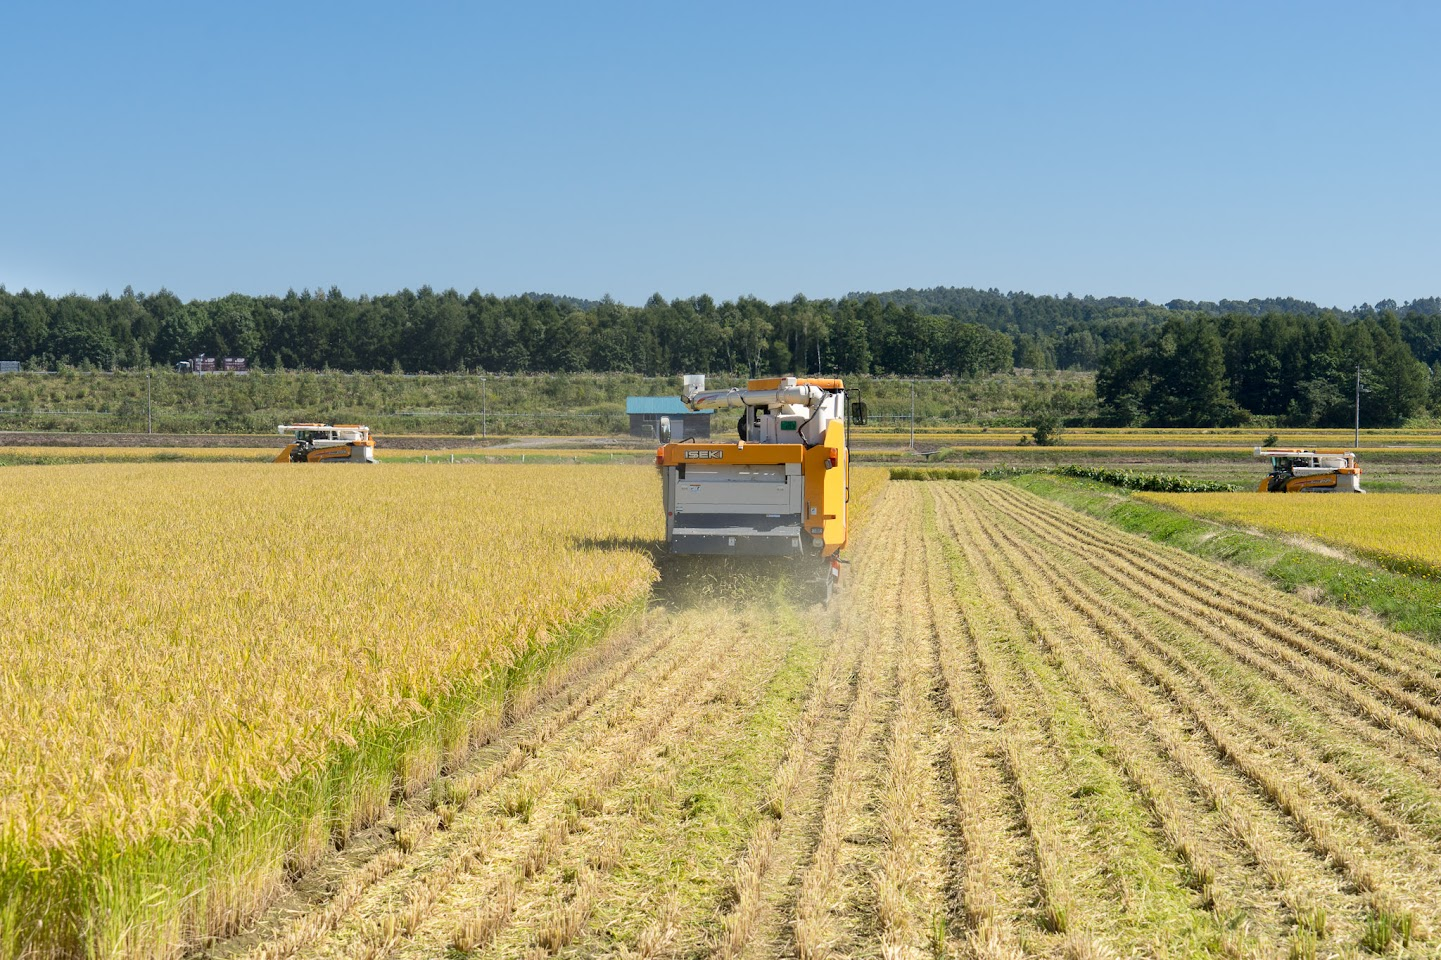 【No.14】黄金に実った稲の収穫が始まりました